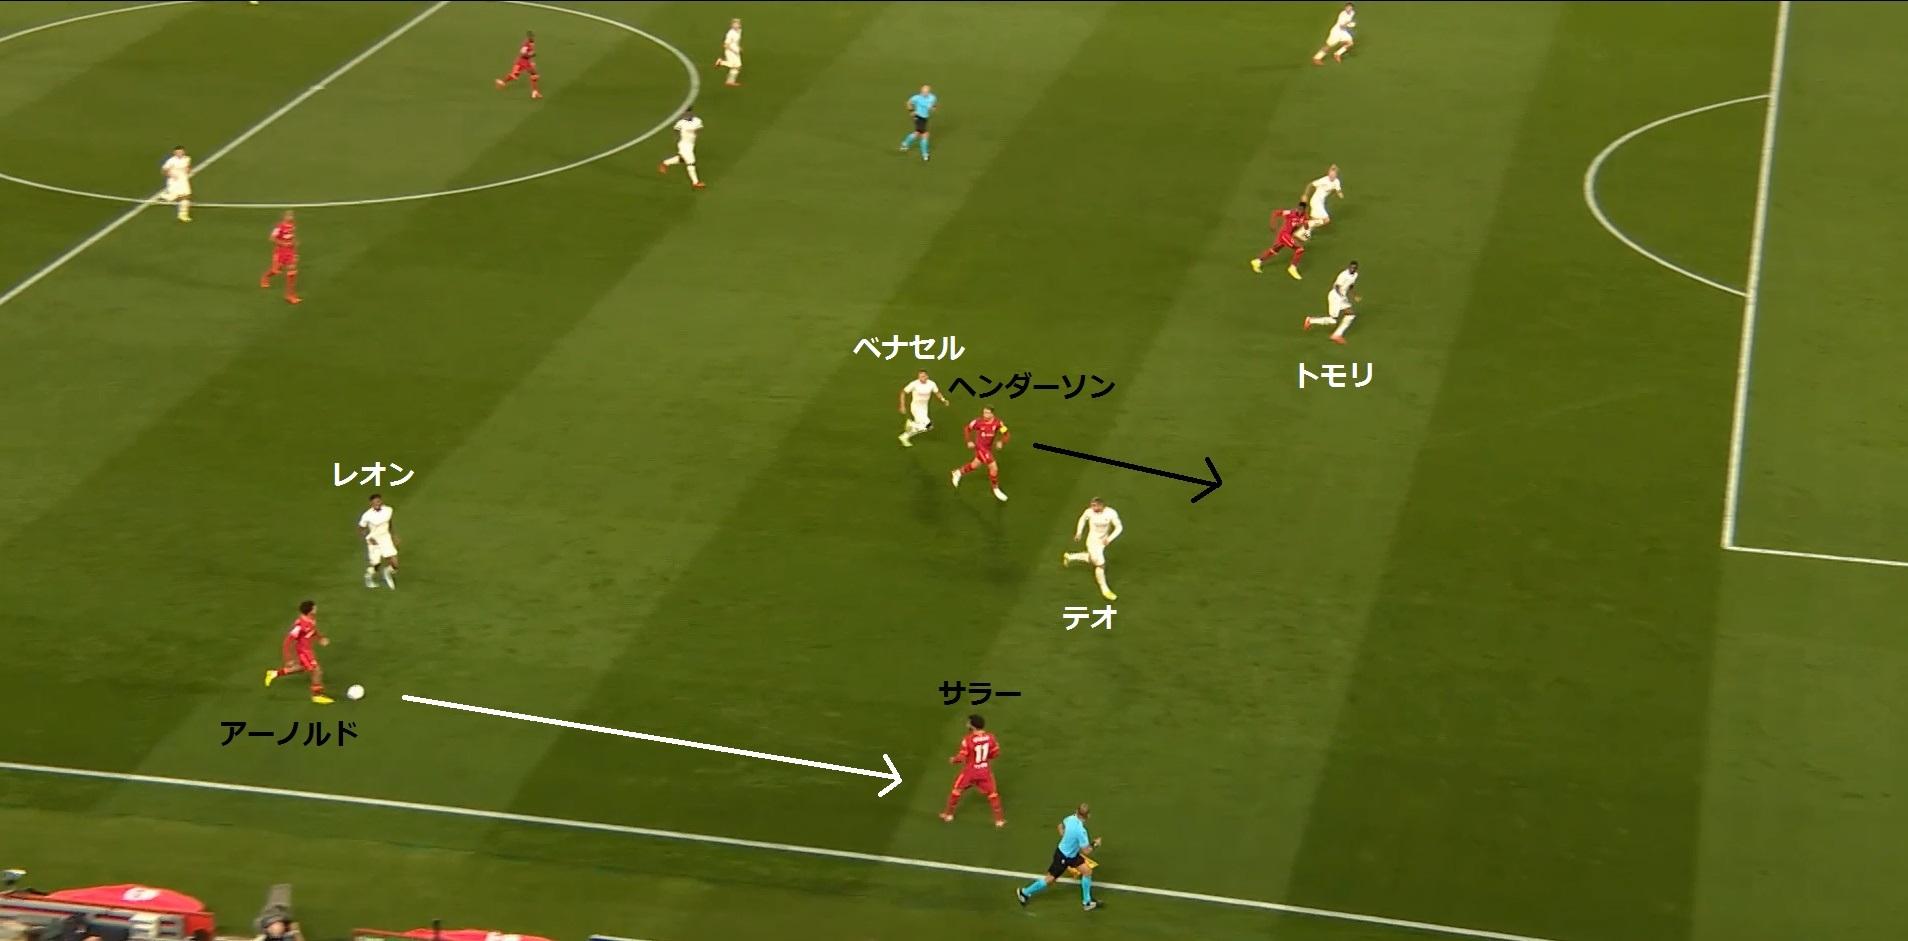 【21-22シーズン】リバプール対ミラン_戦術分析3